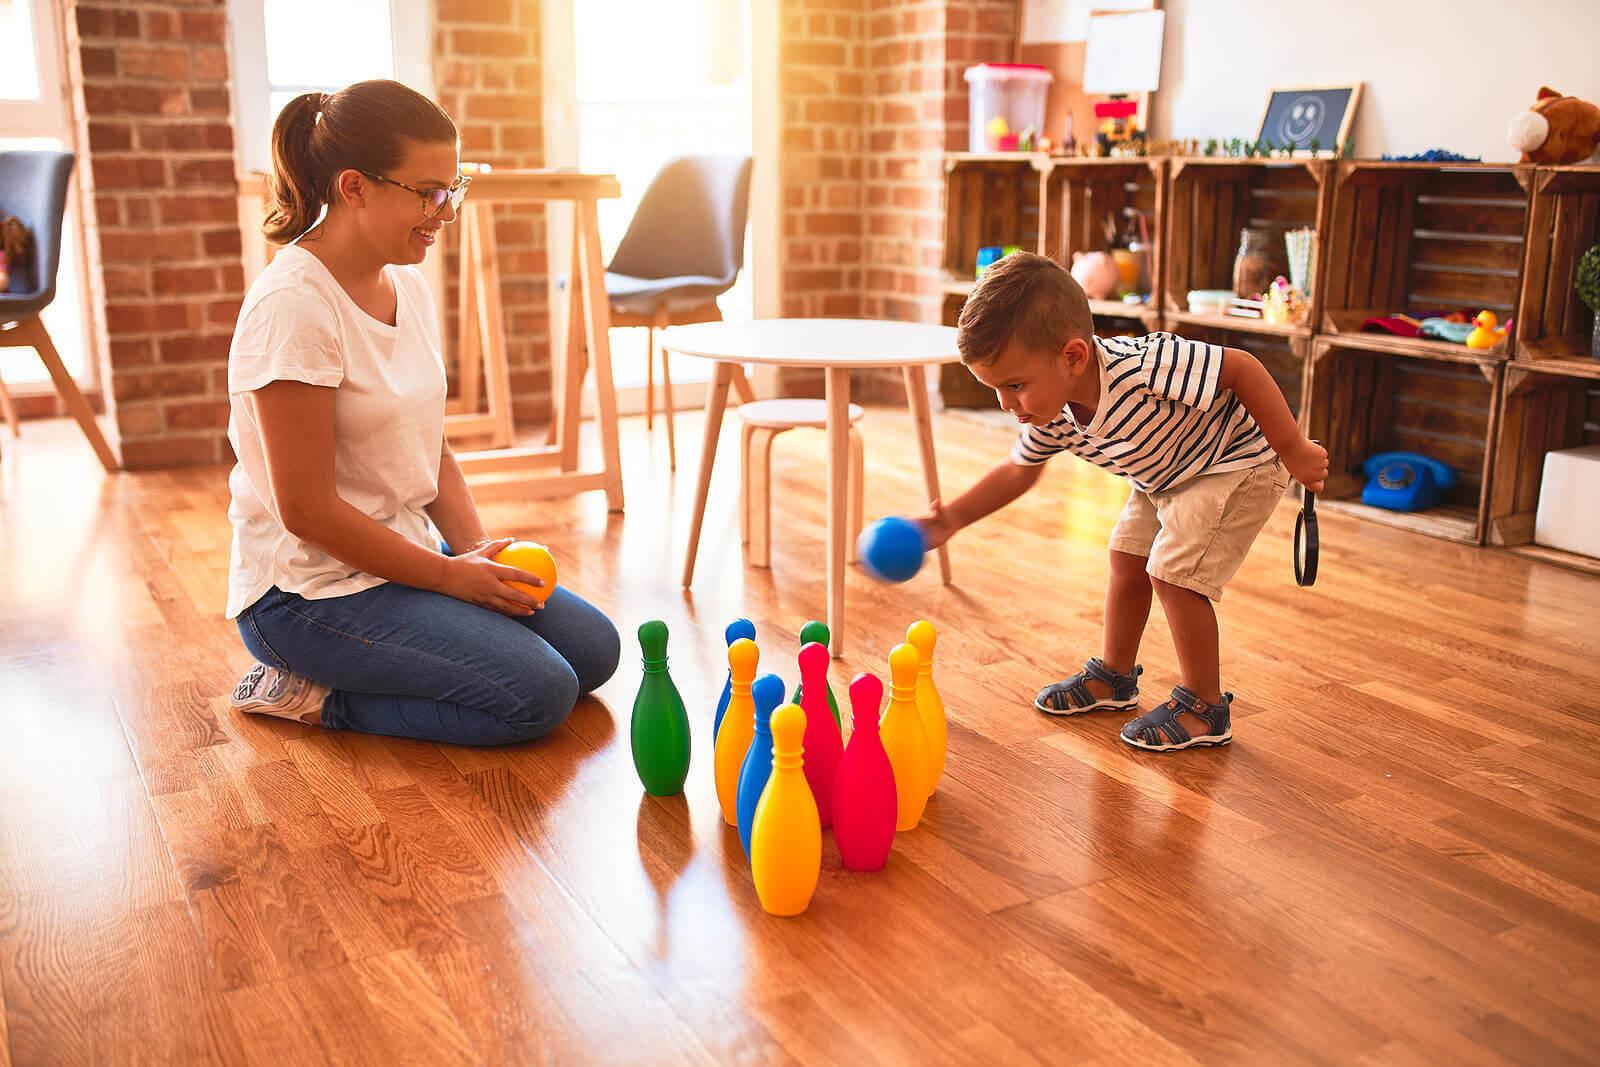 utveckla motoriska färdigheter: barn med bowlingkäglor i plast